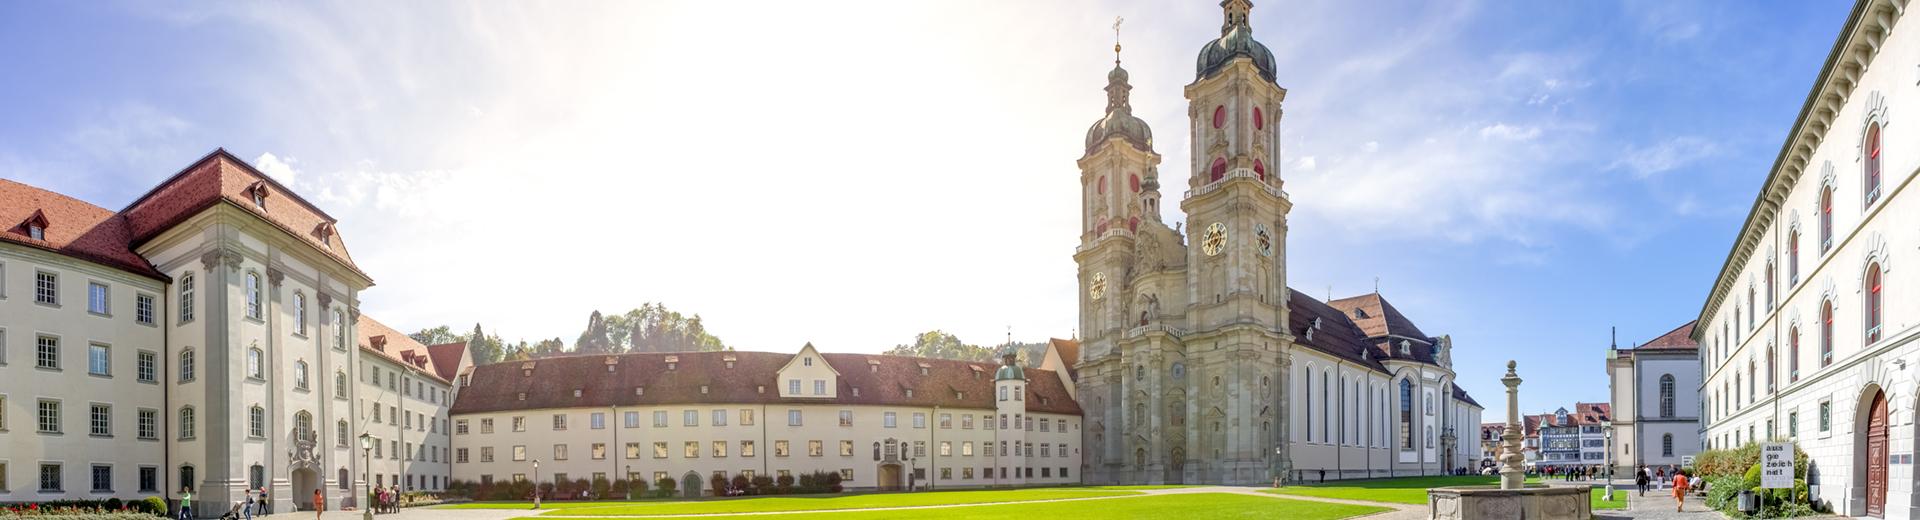 Städtereise St. Gallen